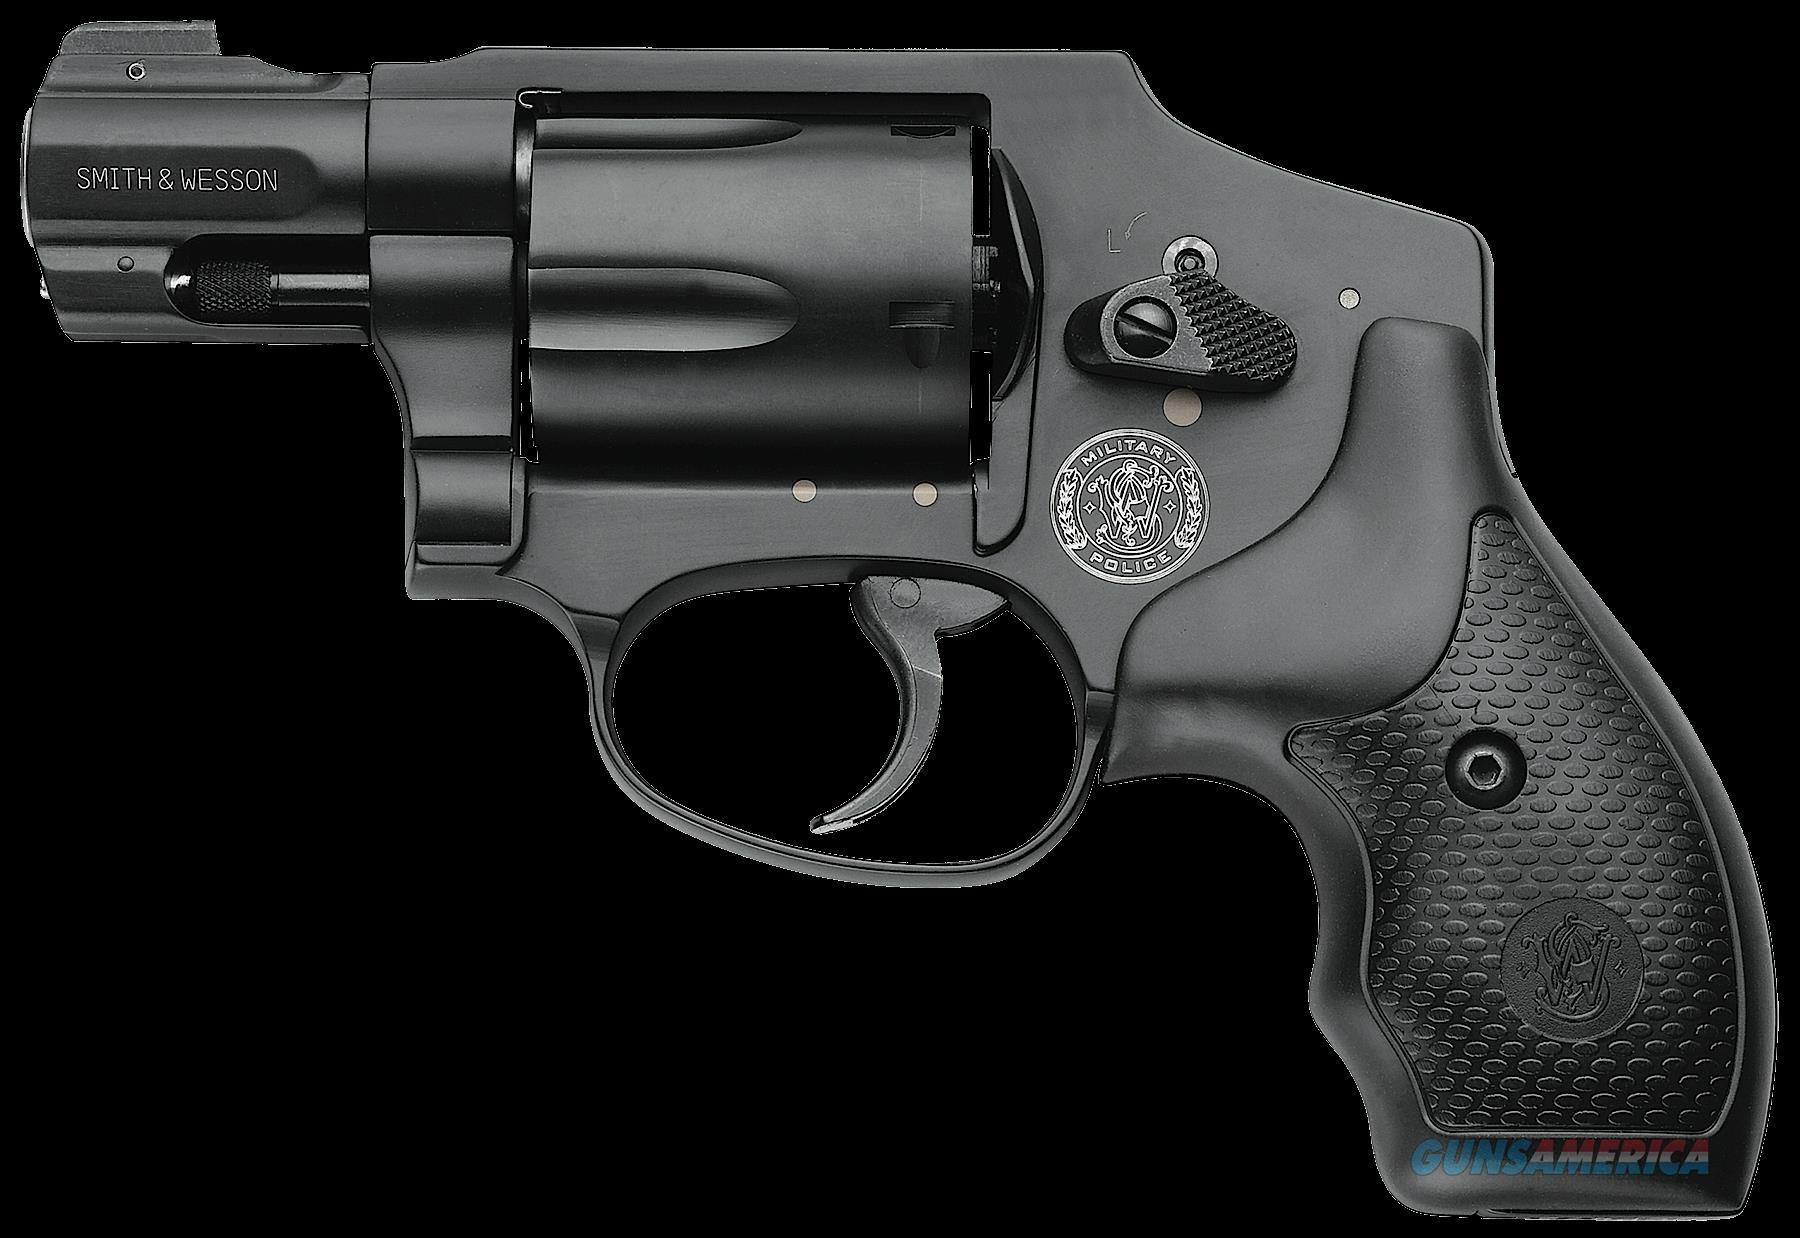 Smith & Wesson M&p 340, S&w M&p340    163072 357 2 Cent         Blk  Guns > Pistols > 1911 Pistol Copies (non-Colt)